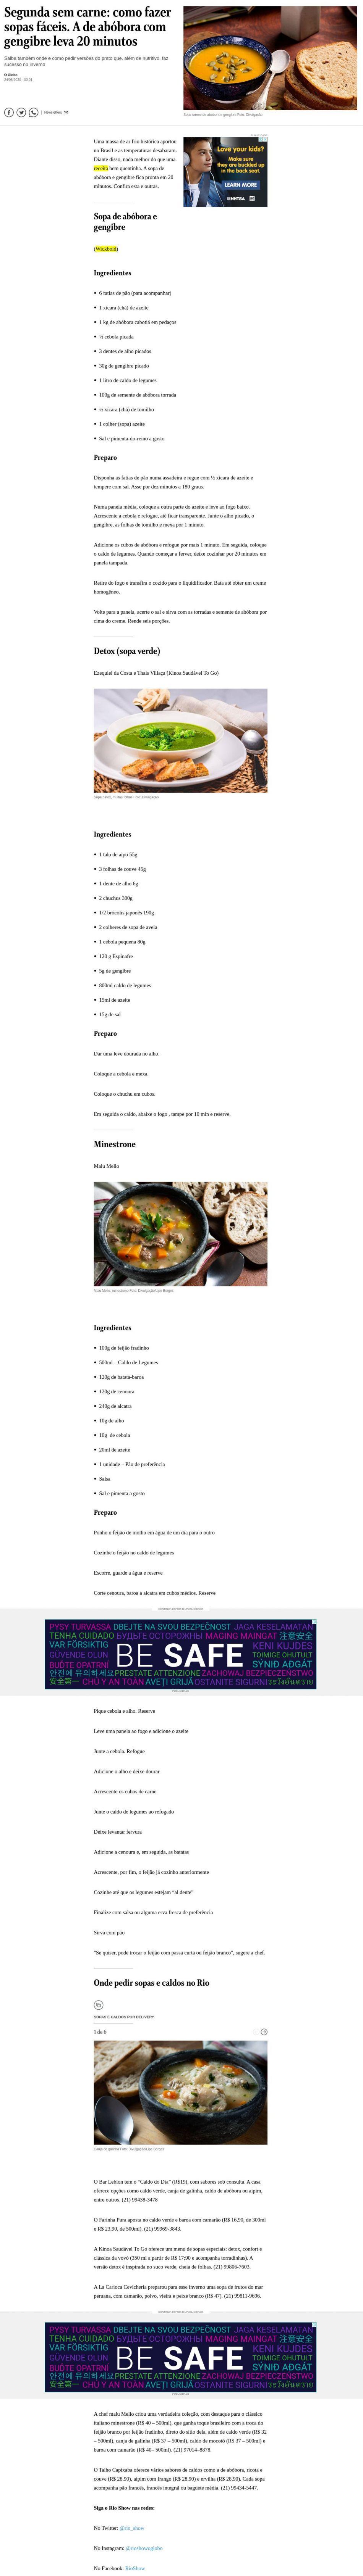 Segunda sem carne: como fazer sopas fáceis. A de abóbora com gengibre leva 20 minutos - O Globo (On-line)